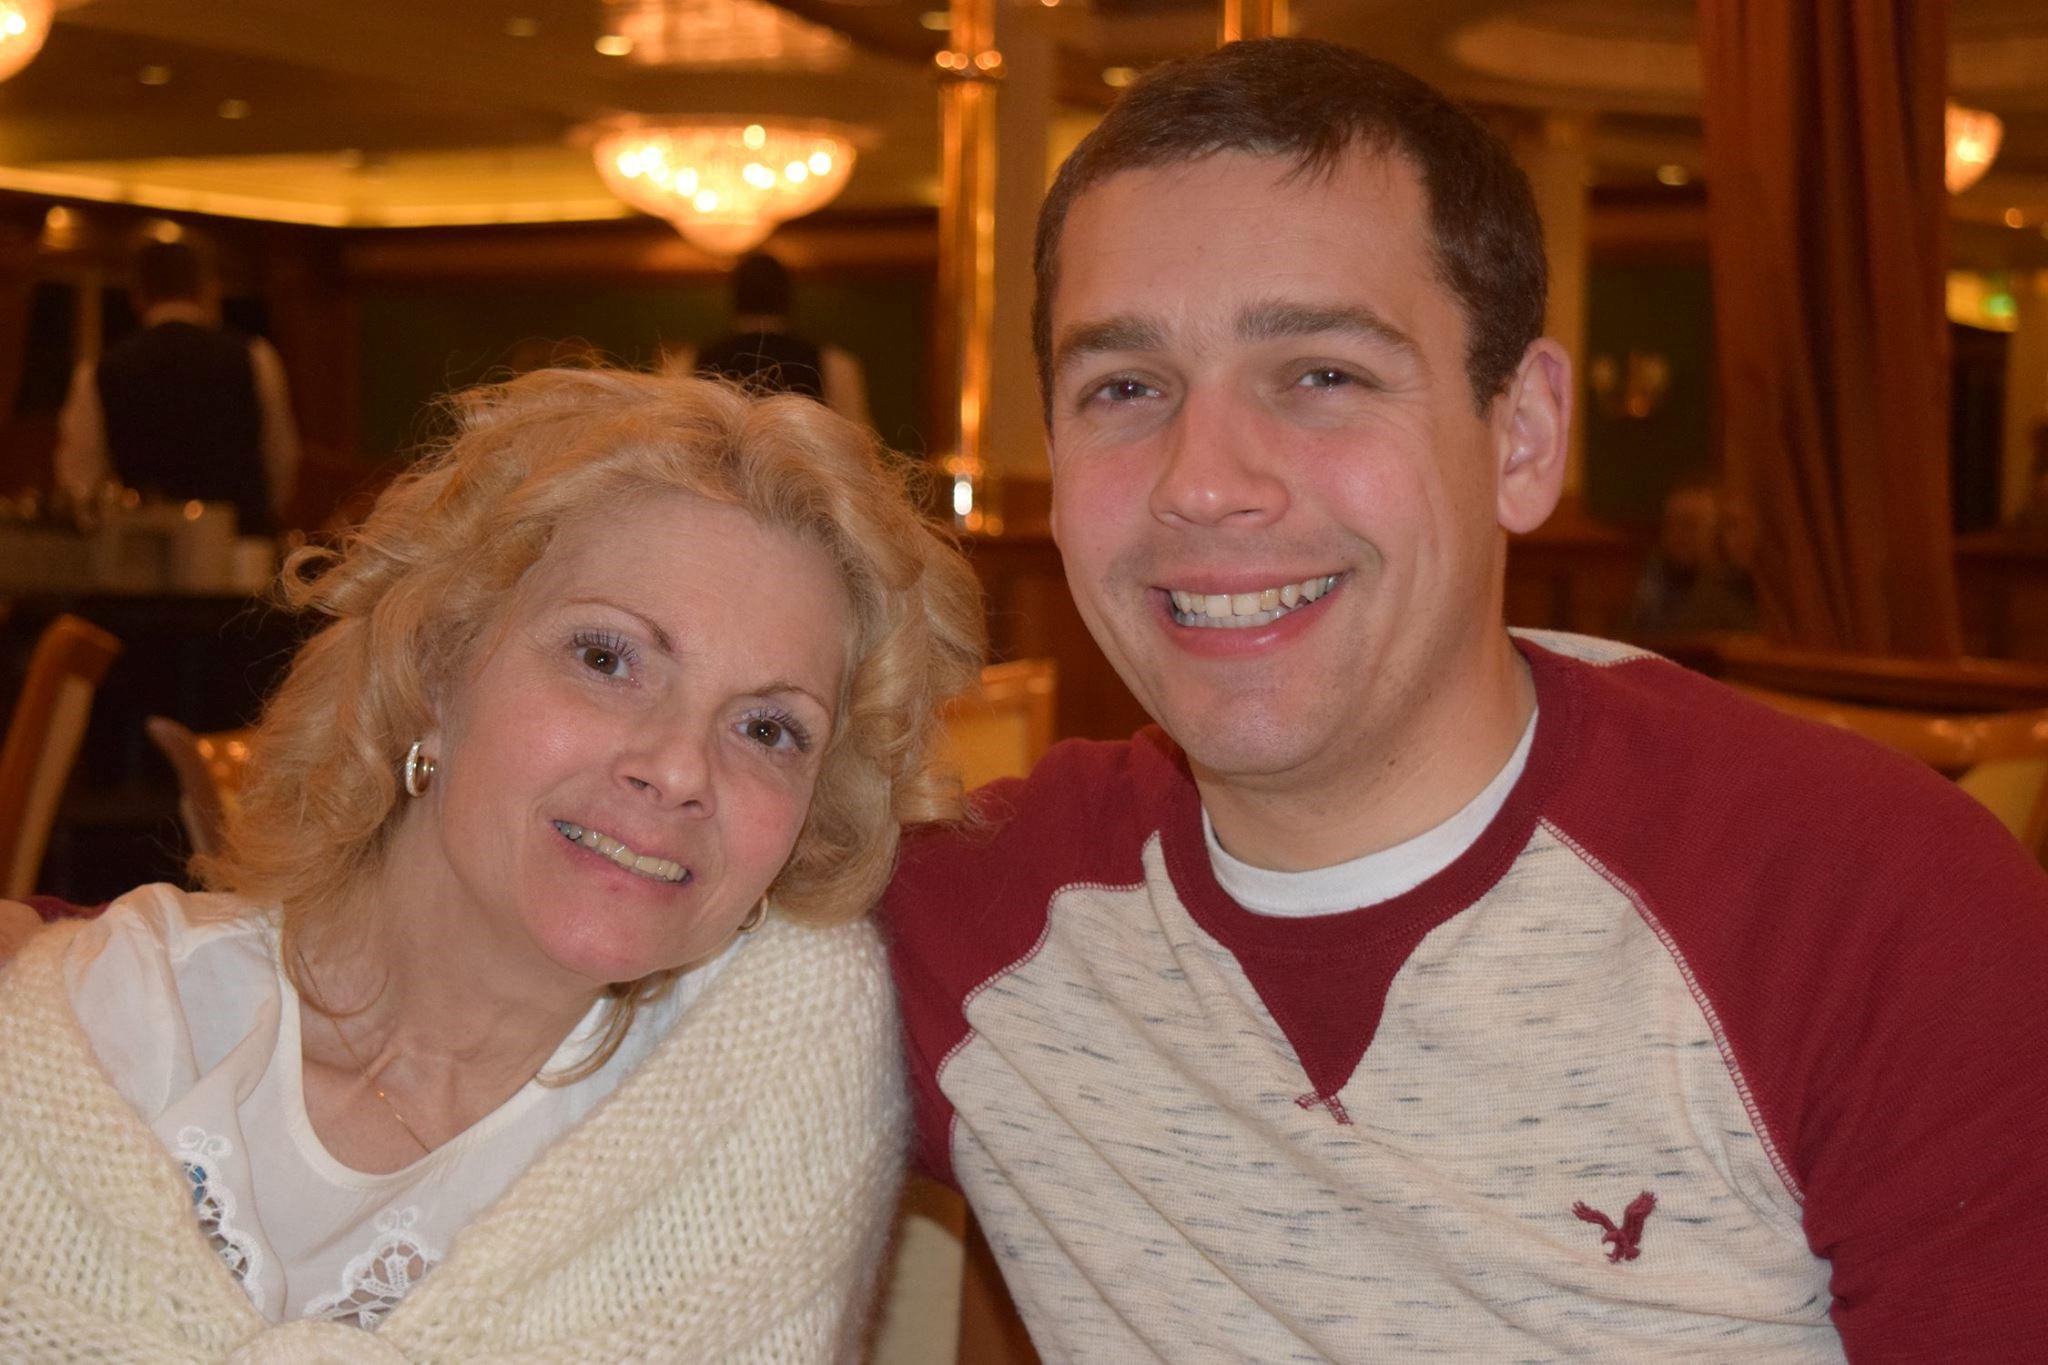 """<div class=""""meta image-caption""""><div class=""""origin-logo origin-image ktrk""""><span>KTRK</span></div><span class=""""caption-text"""">Nick Natario with his mom</span></div>"""